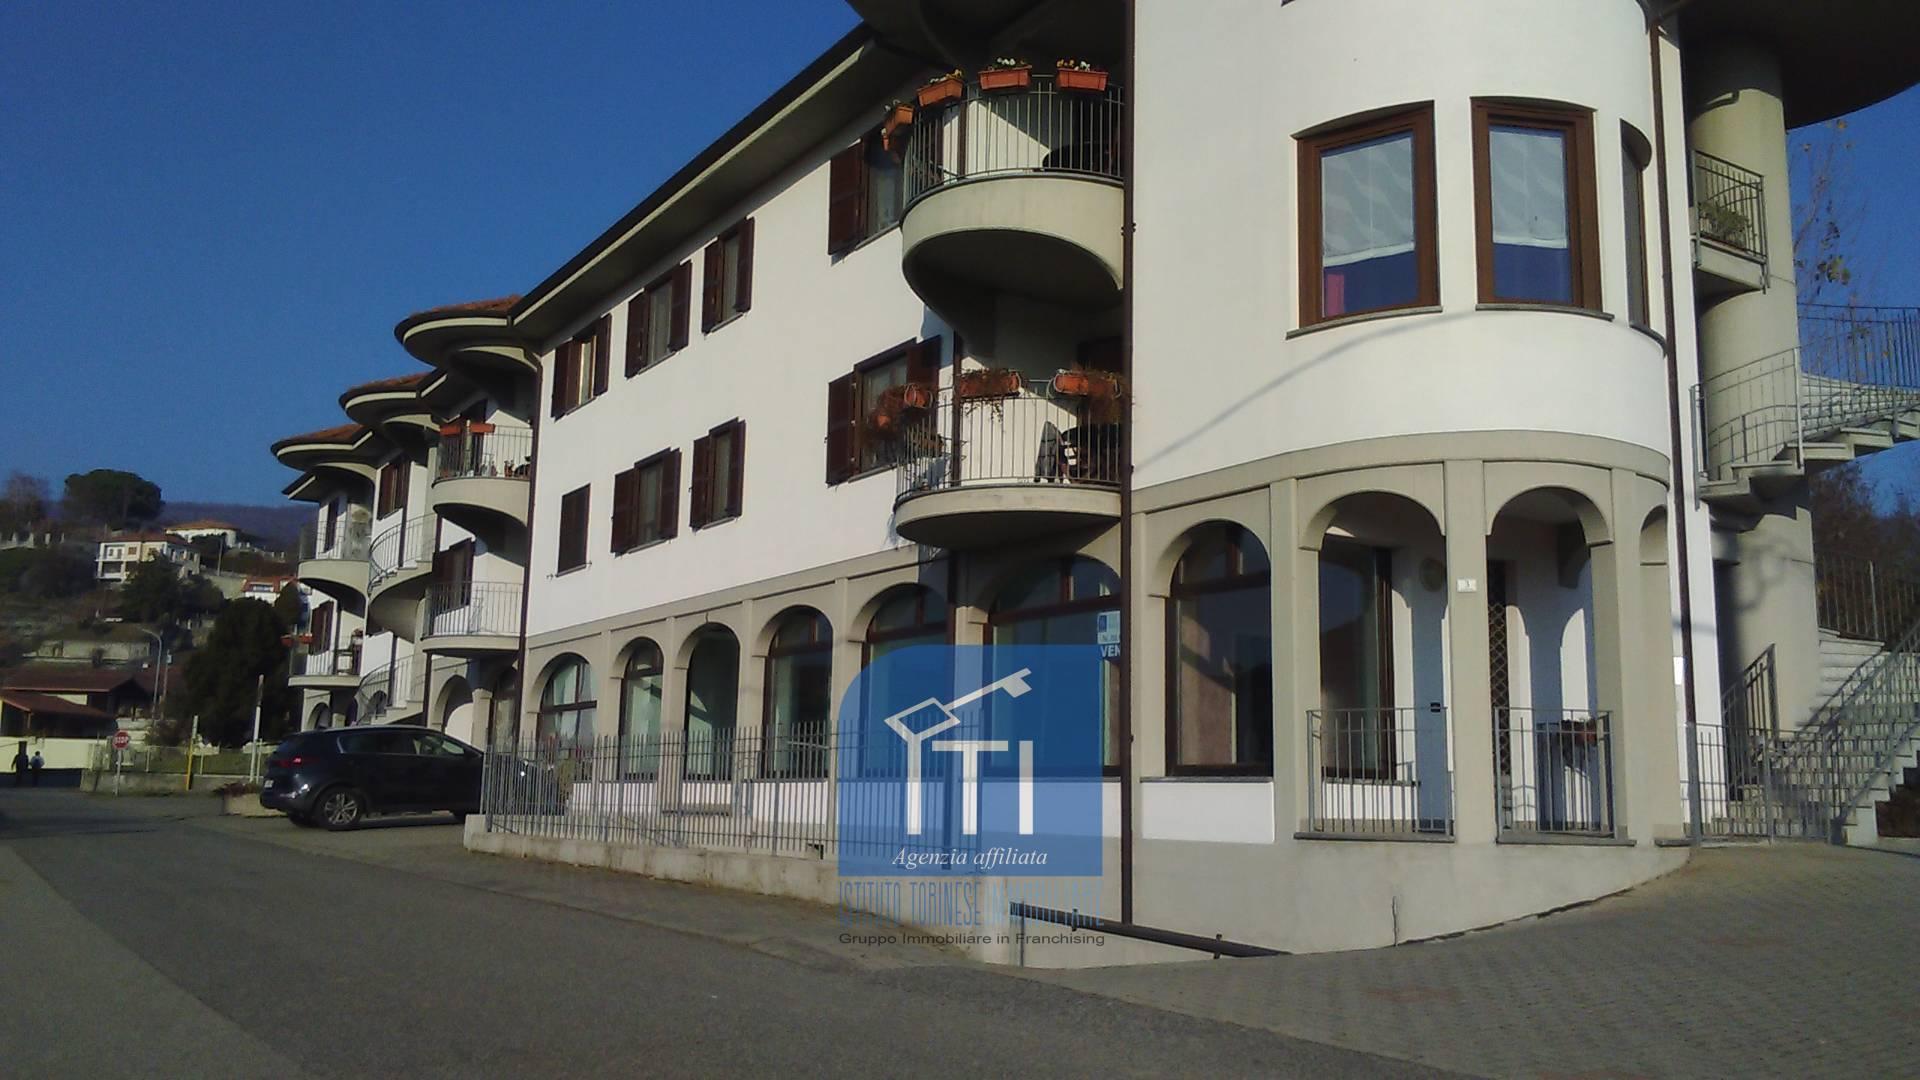 Negozio / Locale in vendita a Bollengo, 9999 locali, prezzo € 120.000 | PortaleAgenzieImmobiliari.it